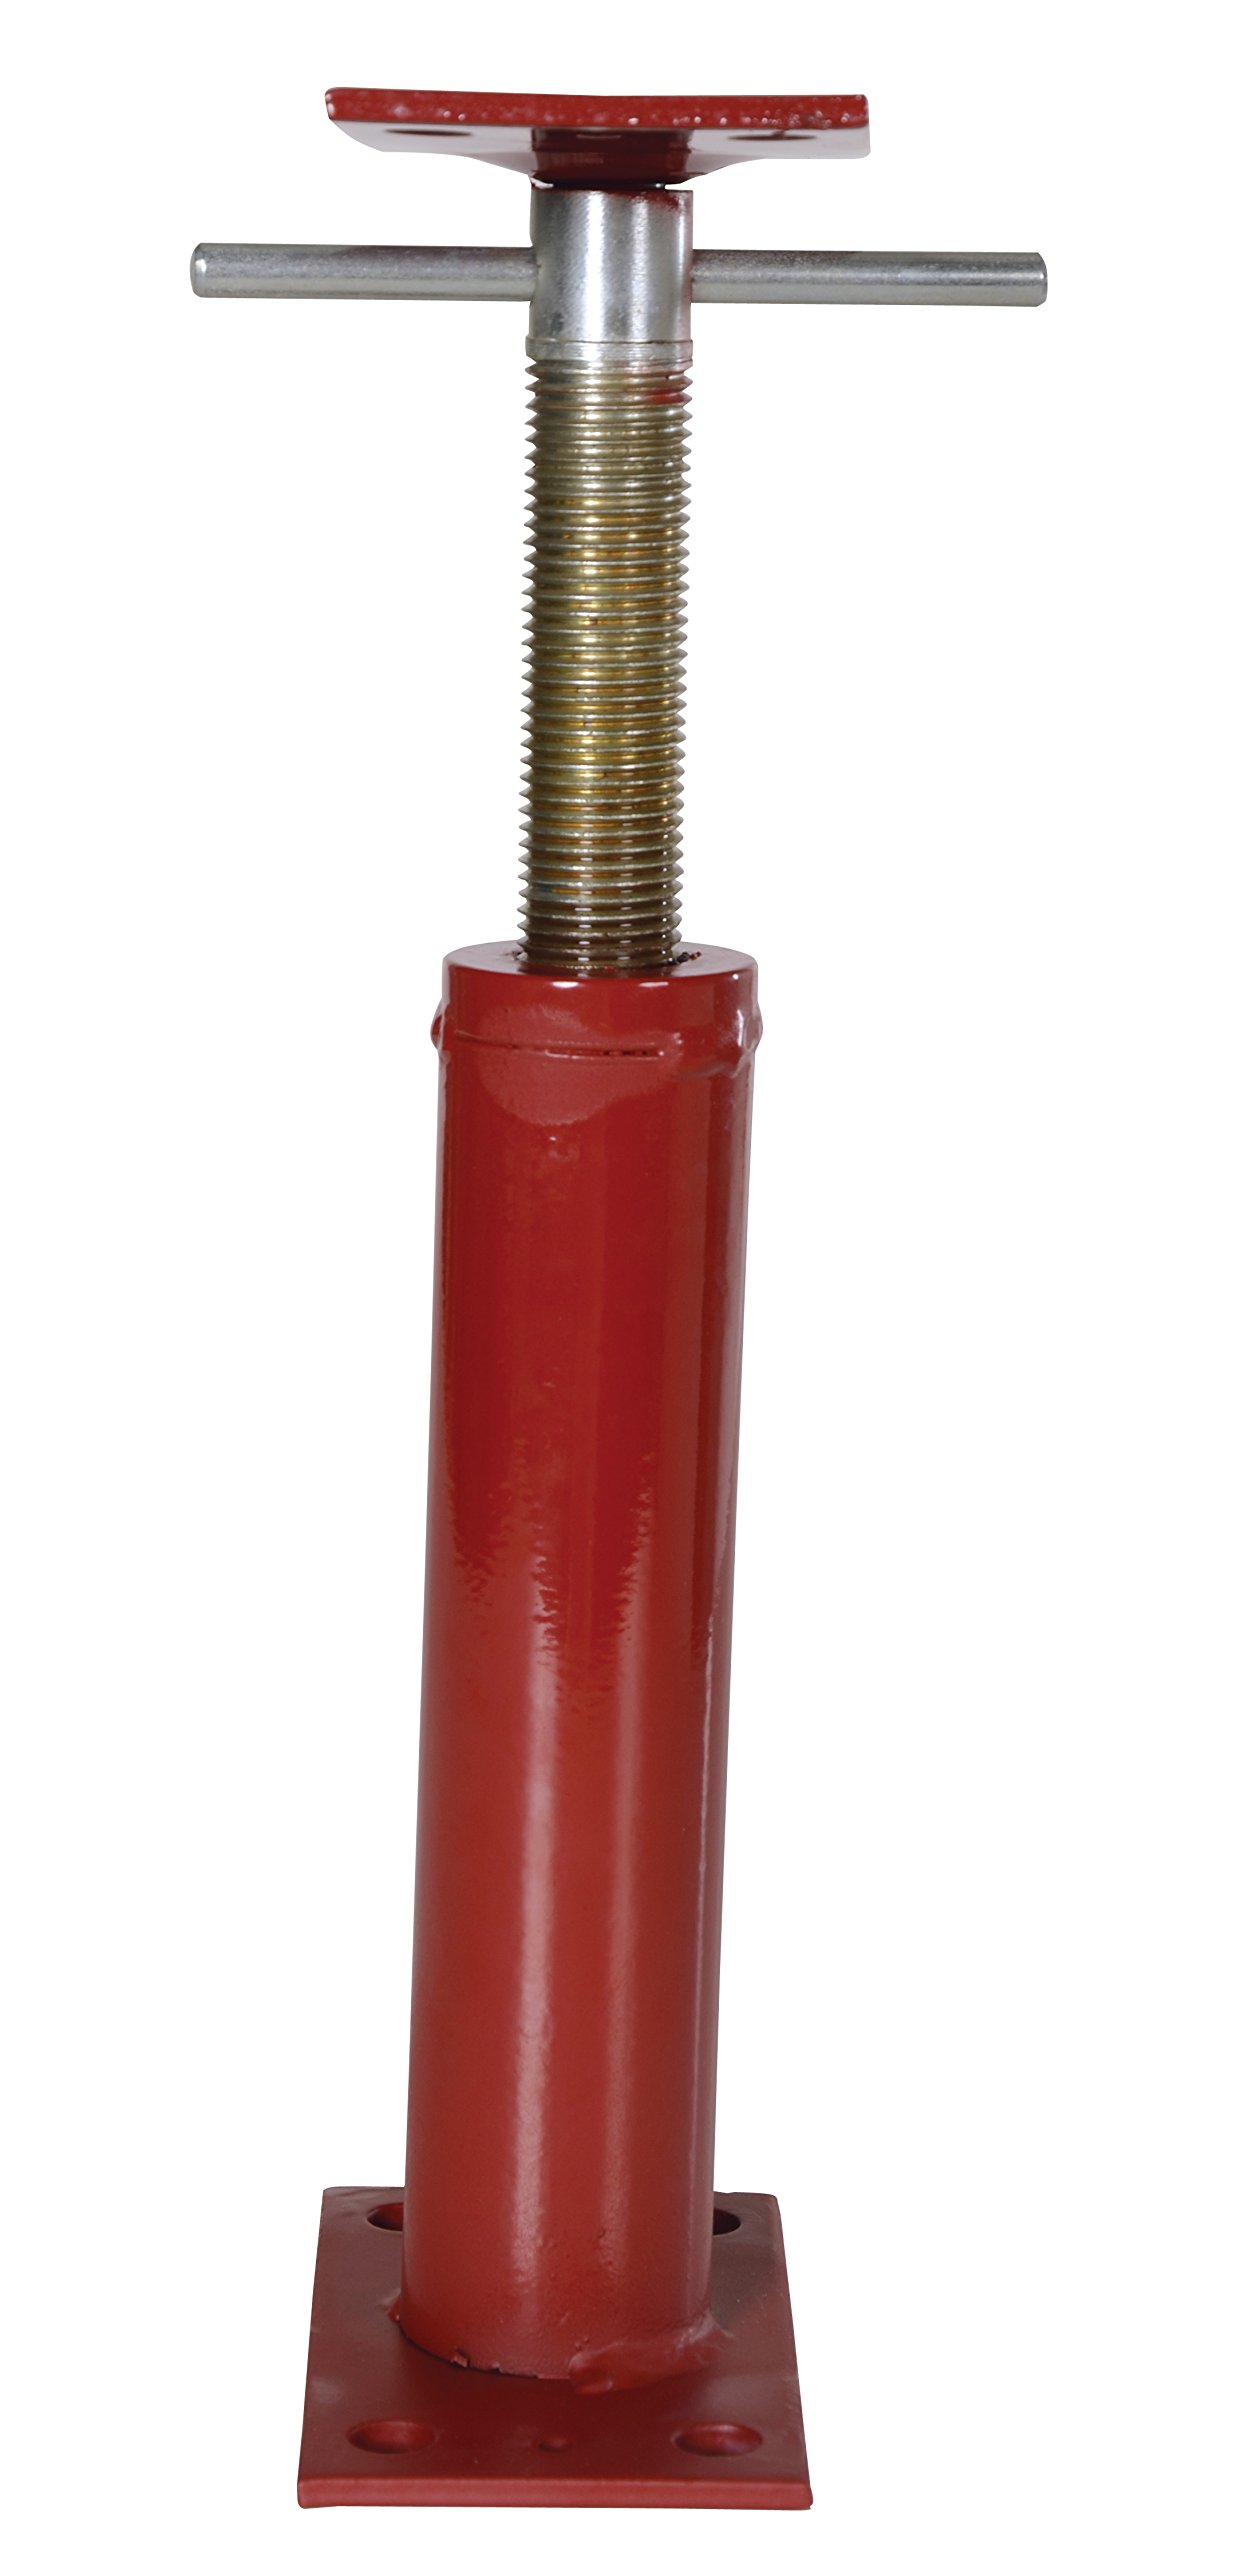 Vestil FJB-16 Basement Floor Jack, 12'' - 16'' Height Range, Maximum Height Capacity (lbs.) 9738, Minimum Height Capacity (lbs.) 9738 by Vestil